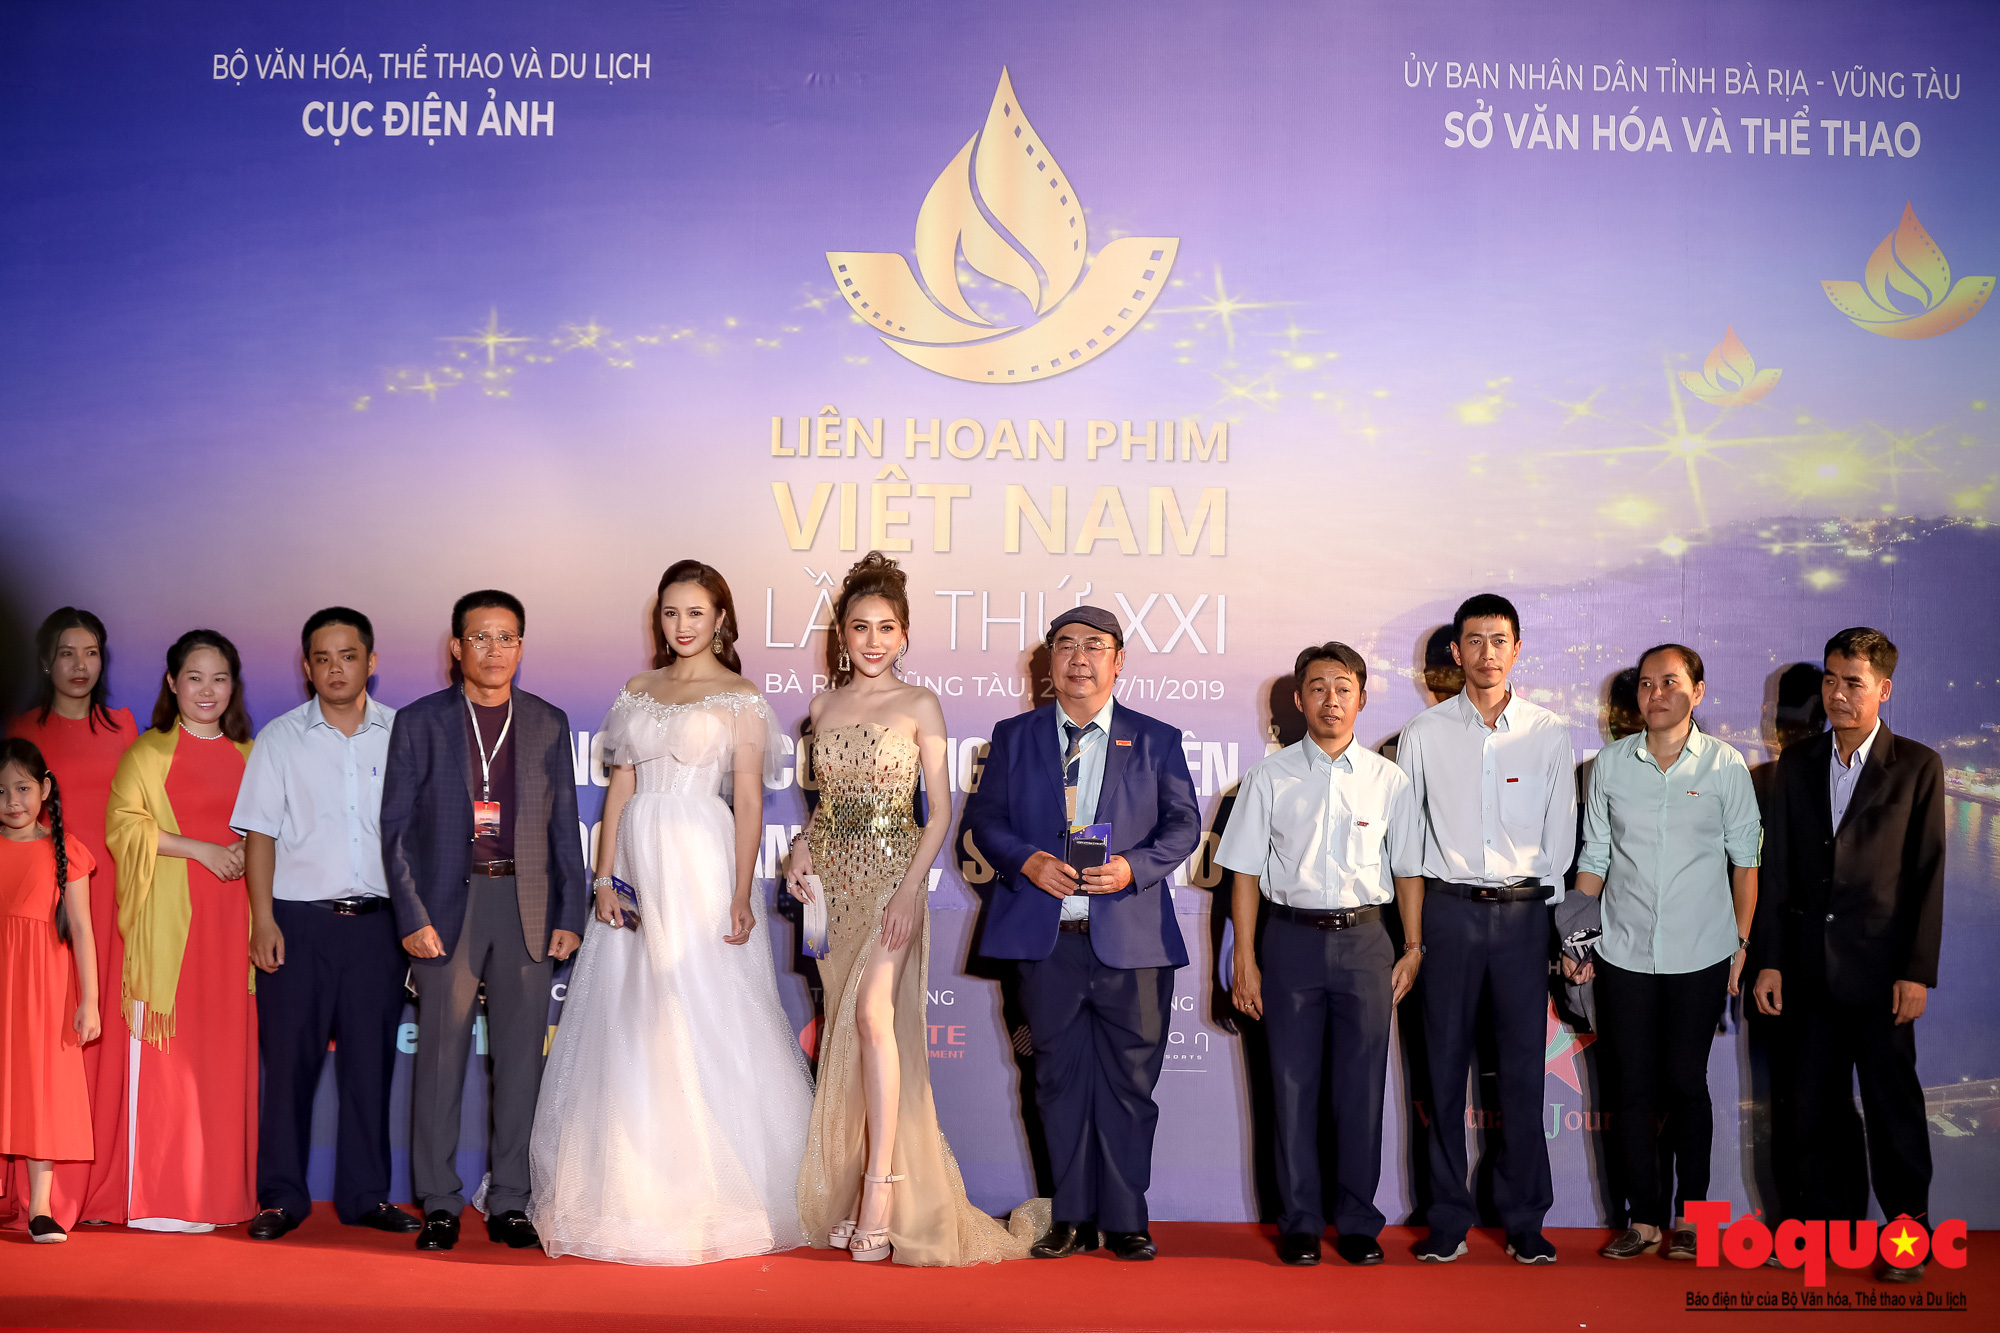 Nghê sỹ Việt lộng lẫy trên thảm đỏ LHP Việt Nam lần thứ XXI - Ảnh 5.